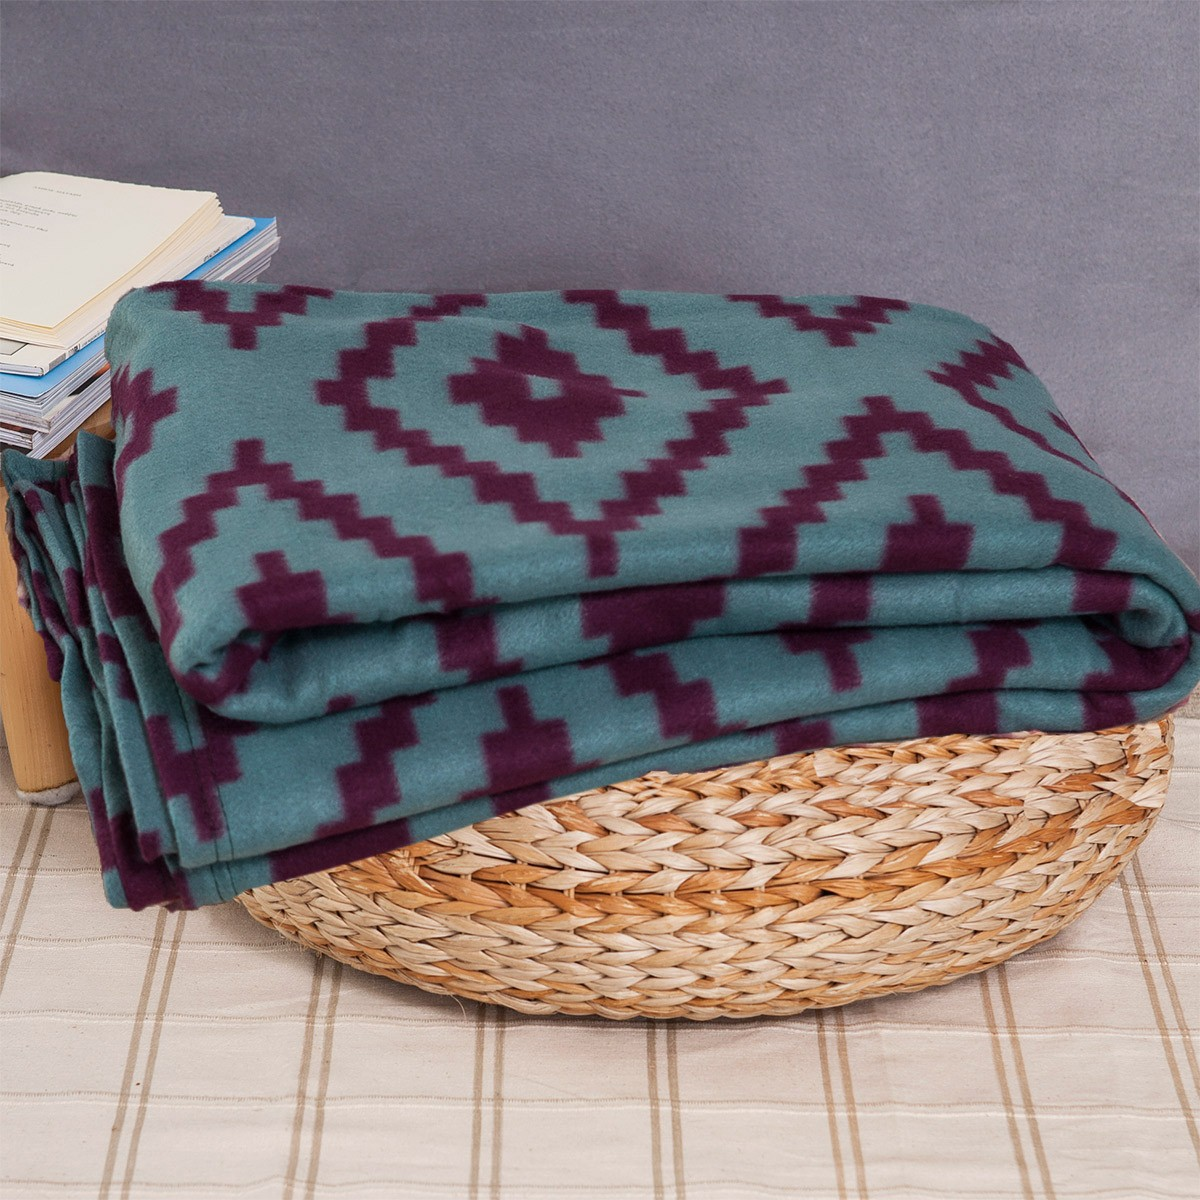 Κουβέρτα Fleece Υπέρδιπλη Melinen Ethnic home   κρεβατοκάμαρα   κουβέρτες   κουβέρτες fleece υπέρδιπλες